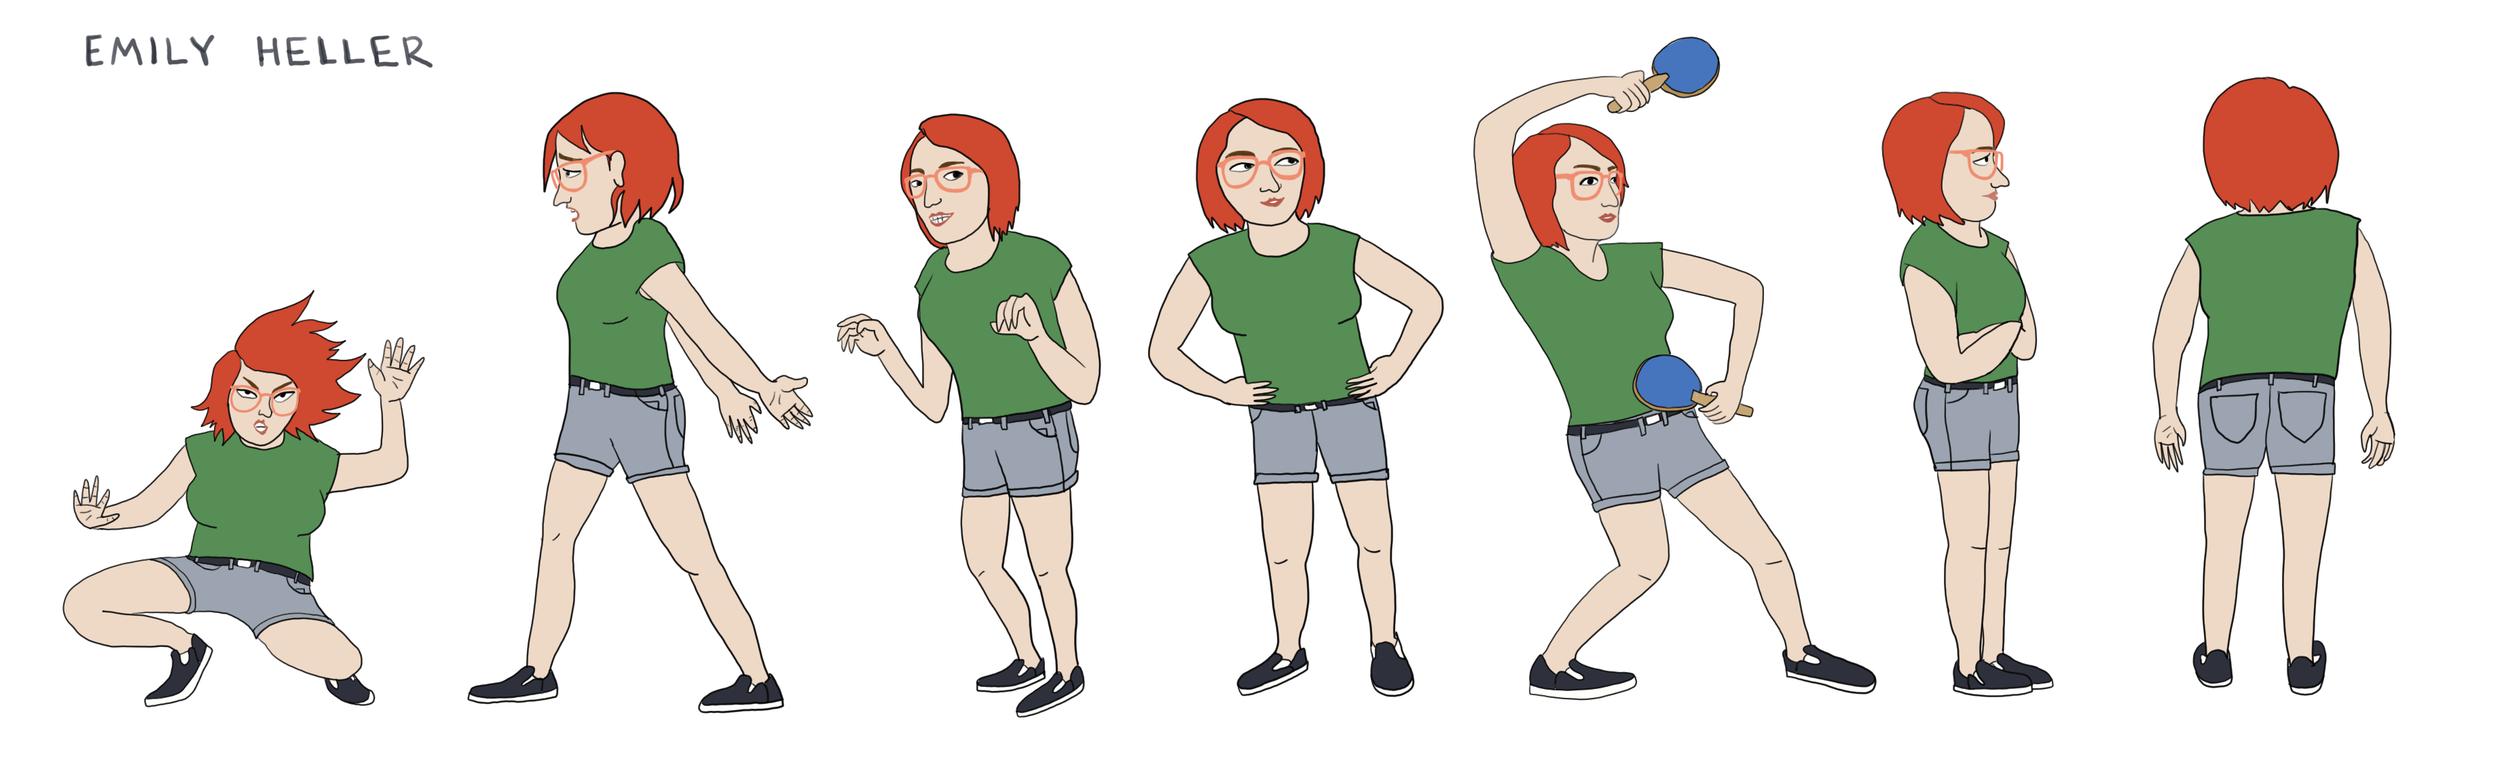 Emily Heller Character Design